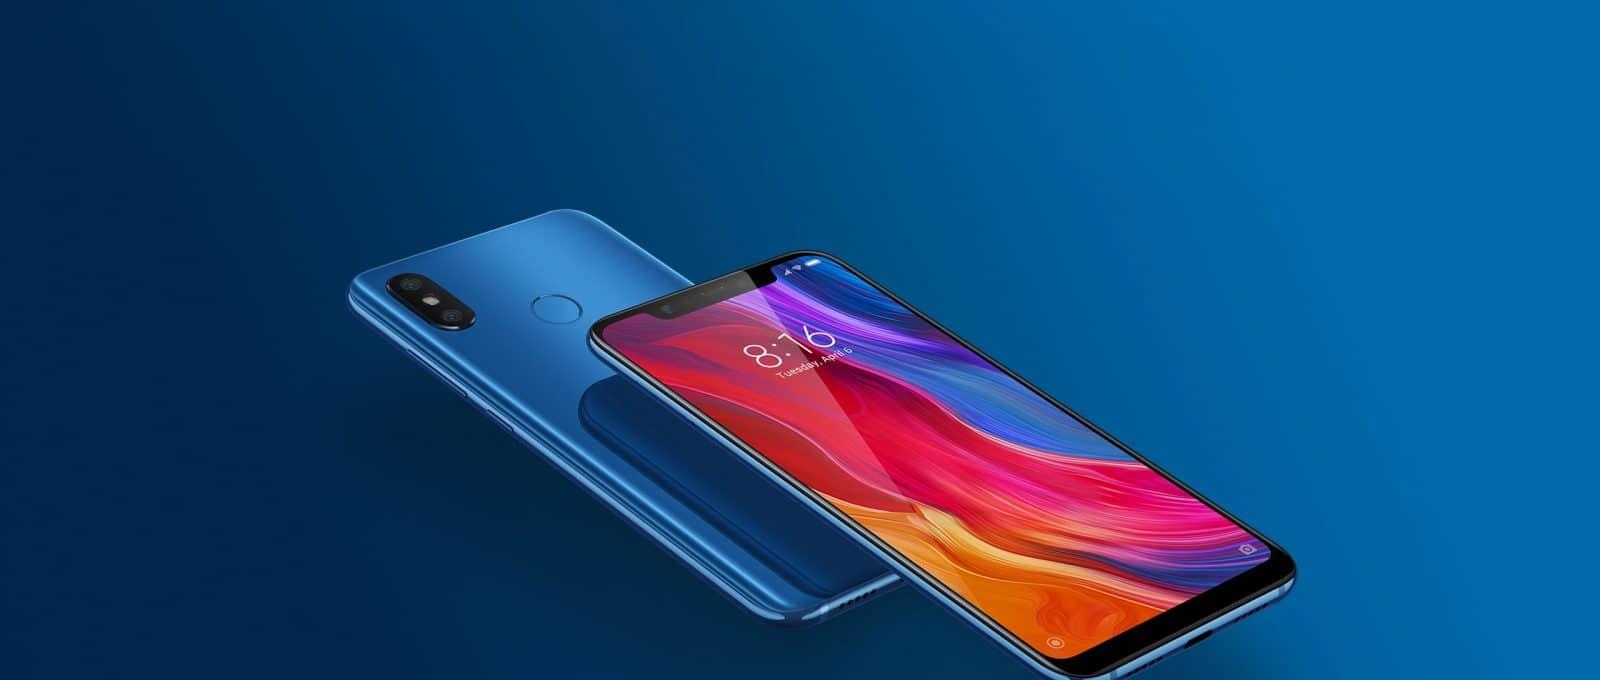 Le téléphone à écran flexible Xiaomi